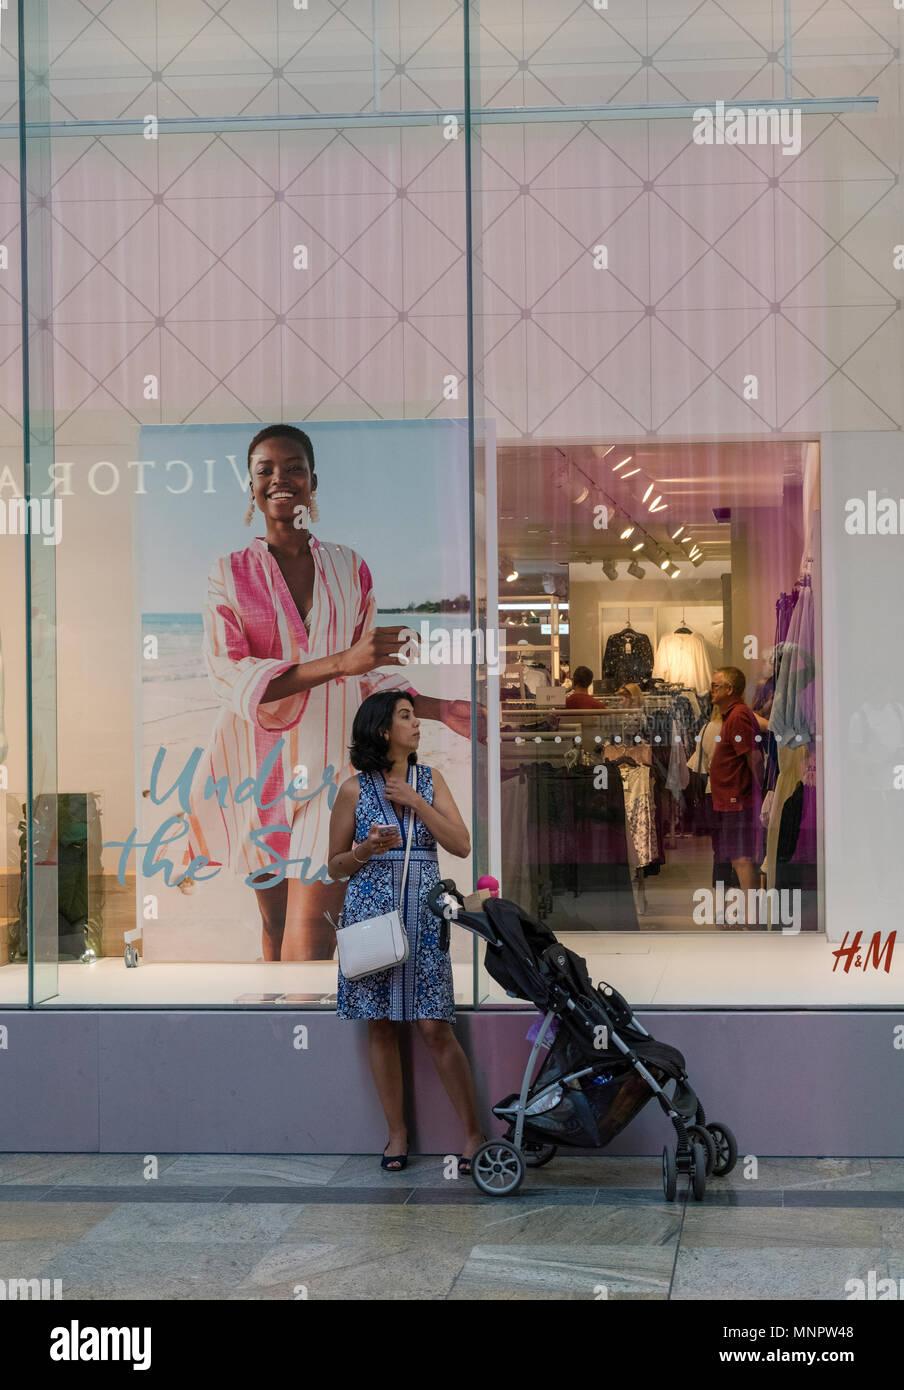 Una giovane donna con un bambino in un passeggino in piedi al di fuori di una donna negozio di abbigliamento in un centro commerciale alla ricerca di un telefono cellulare o un dispositivo portatile. Immagini Stock